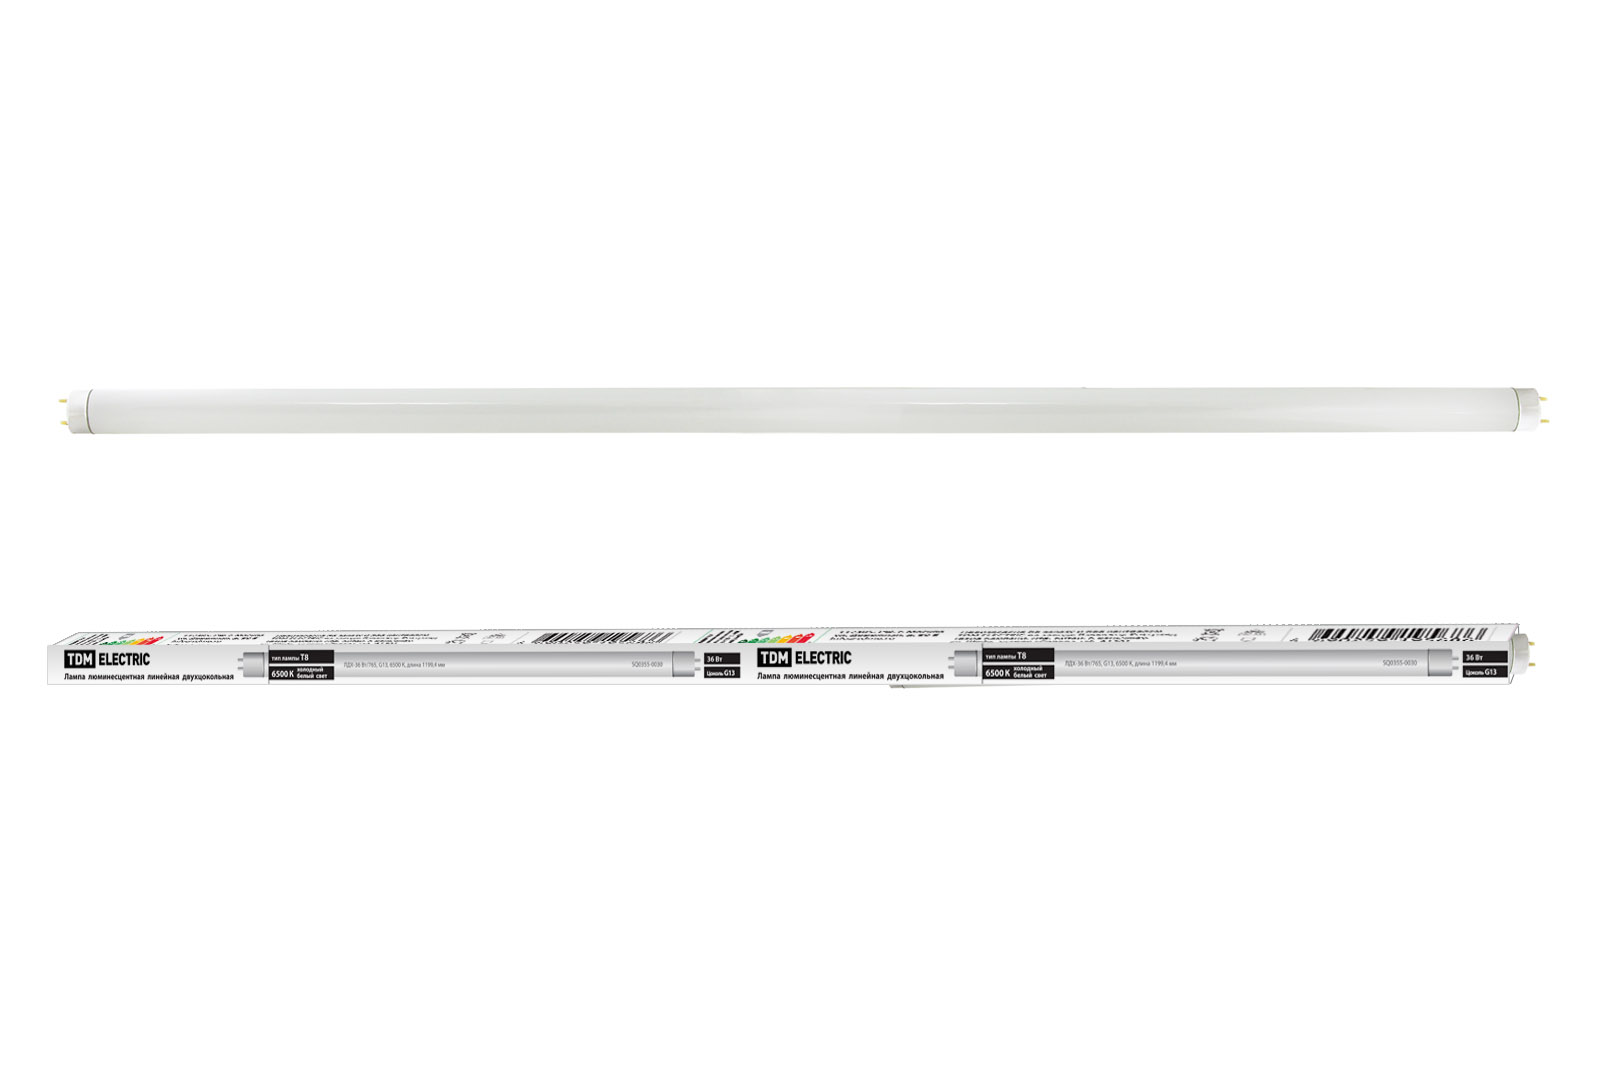 Фото Лампа люминесцентная линейная двухцокольная ЛЛ-36Вт/765, T8/G13, 6500 К TDM {SQ0355-0030}